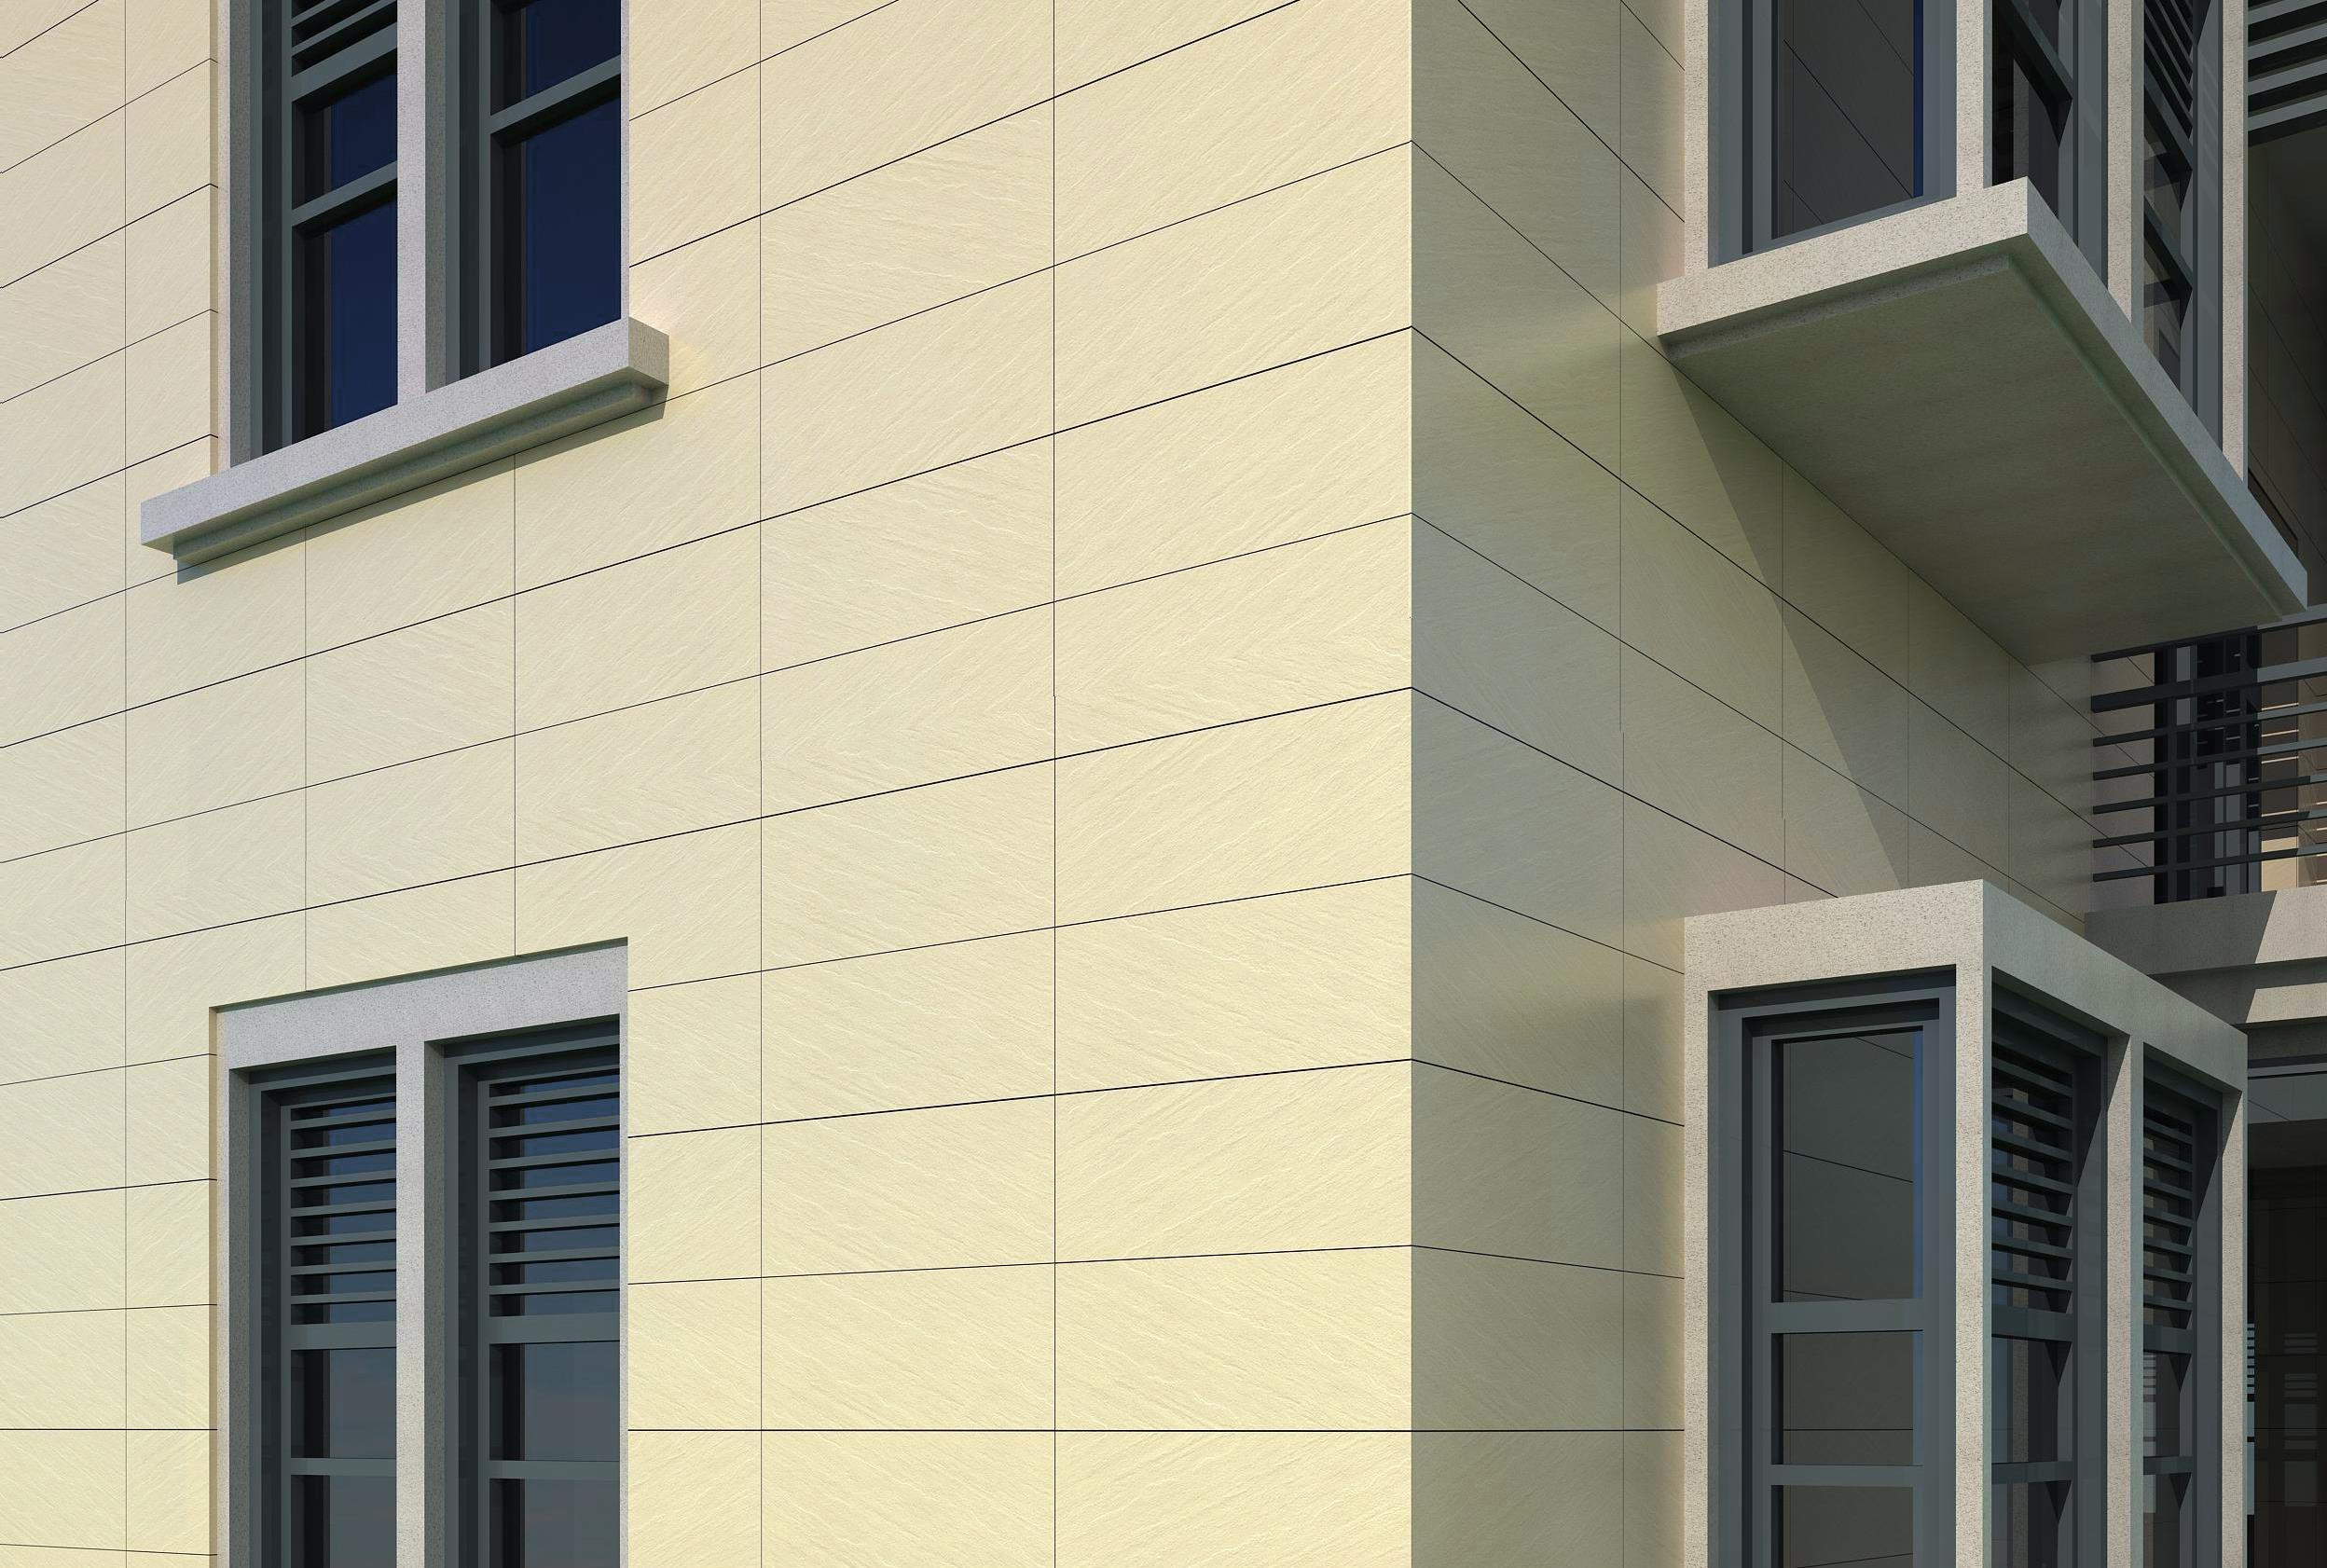 外墙瓷砖有哪些分类?具体有什么特点?